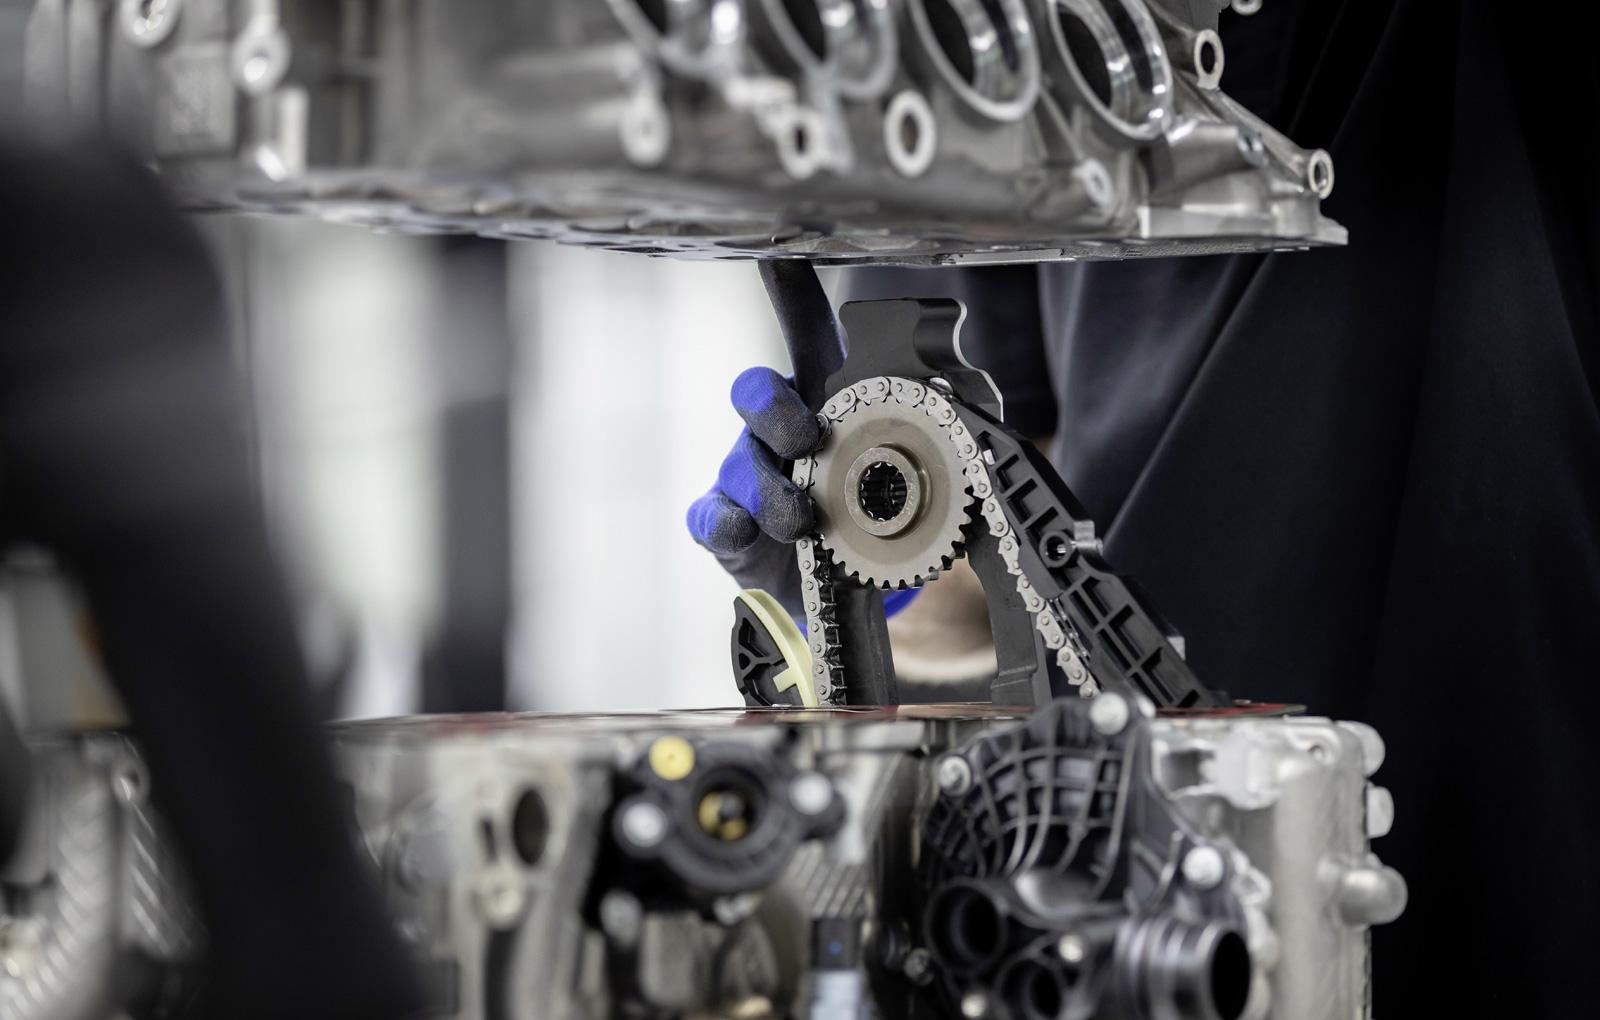 Cel mai puternic motor cu patru cilindri (5)